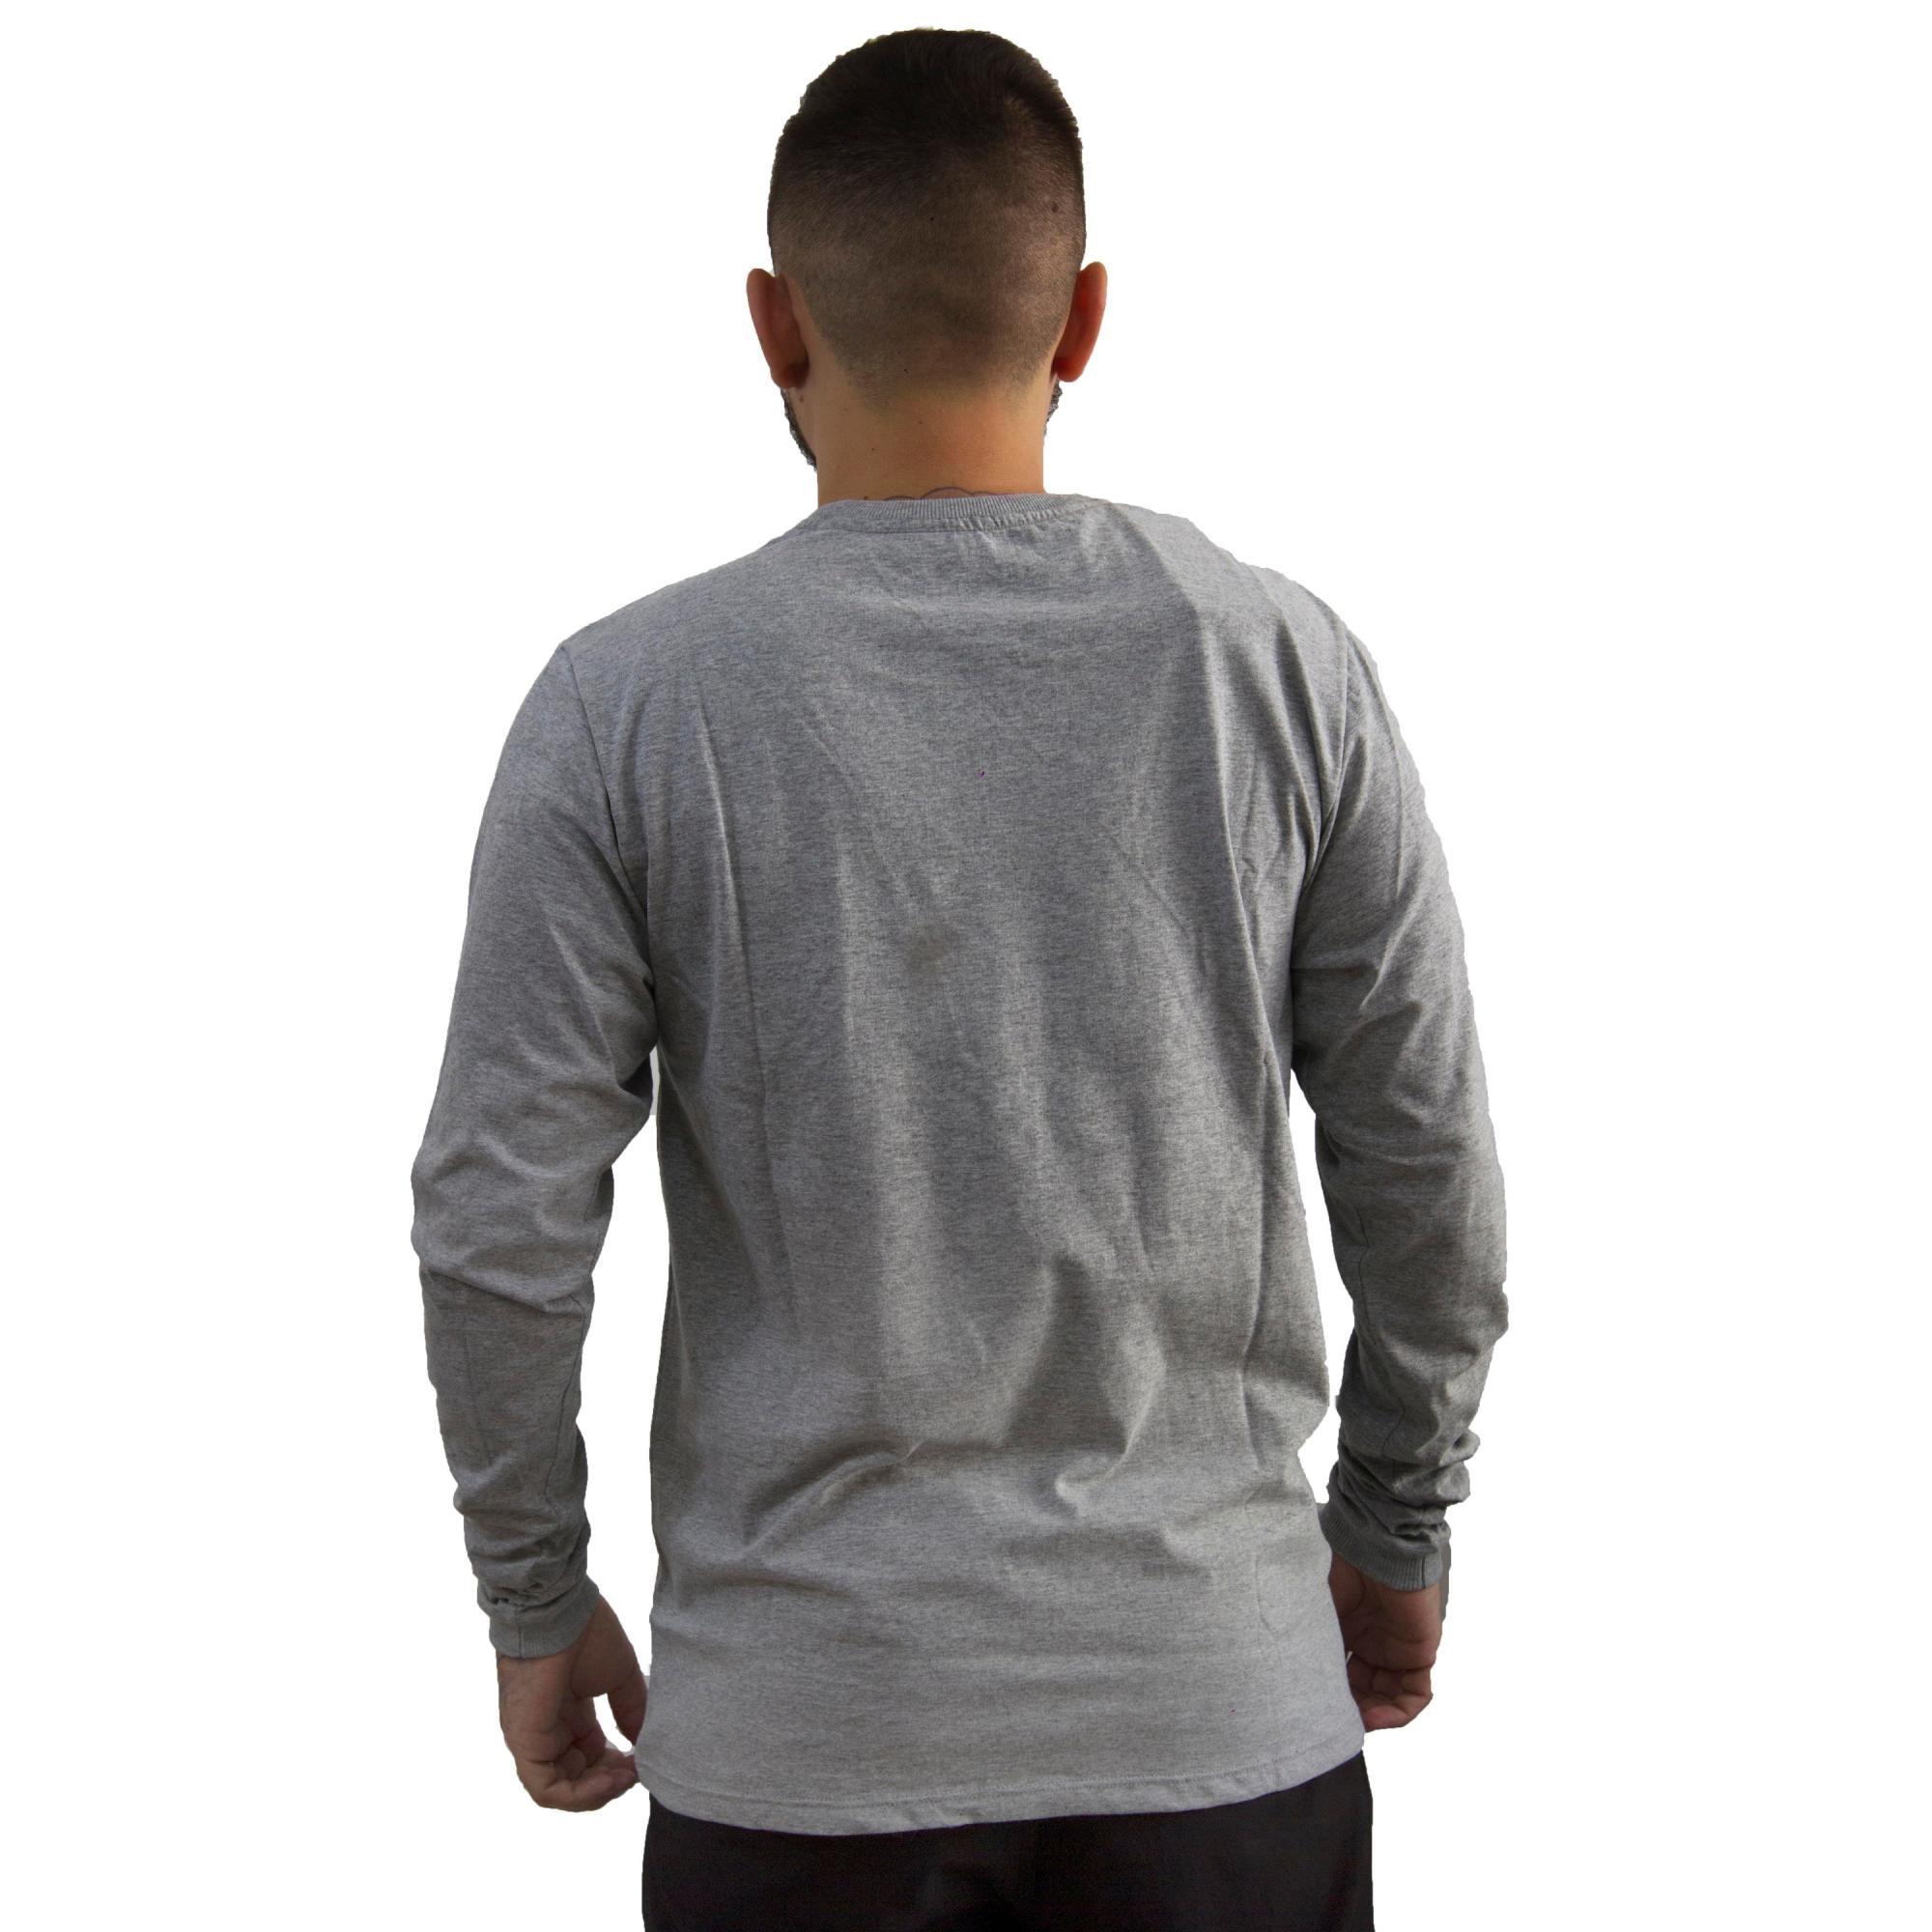 Camiseta Hurley Manga Longa Mescla